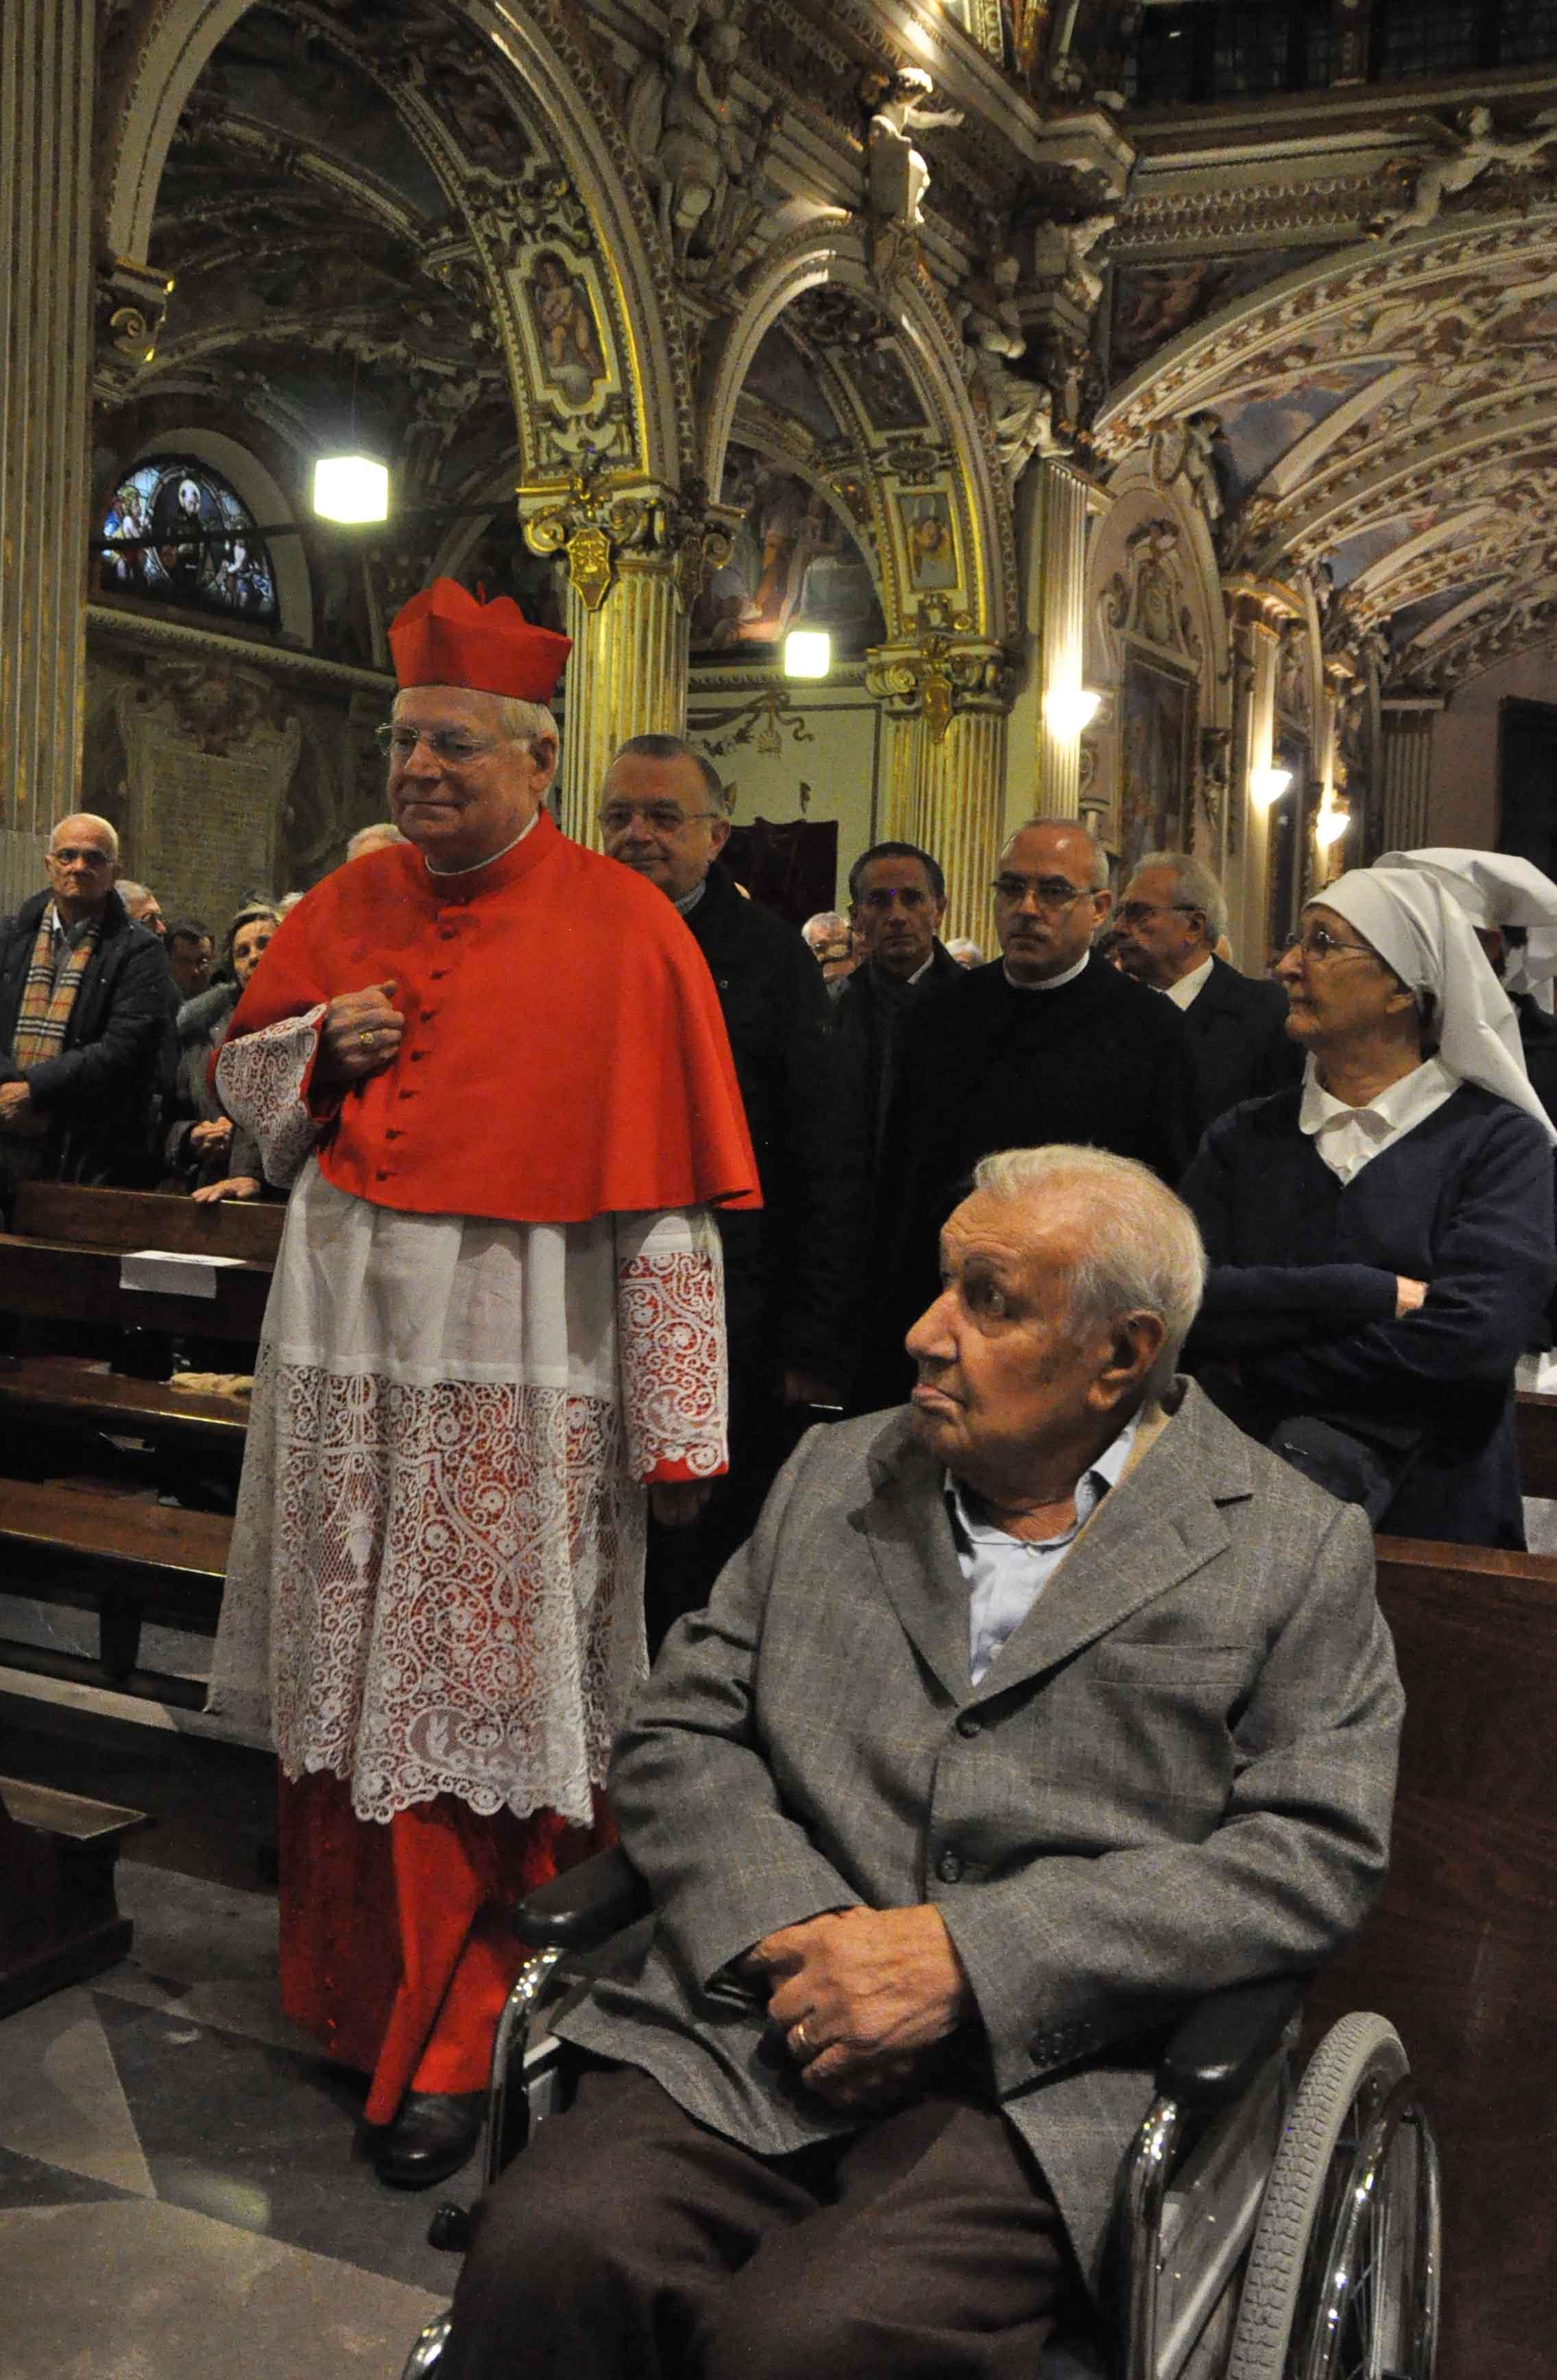 Card. Scola Messa Solenne in onore del B. Paolo VI